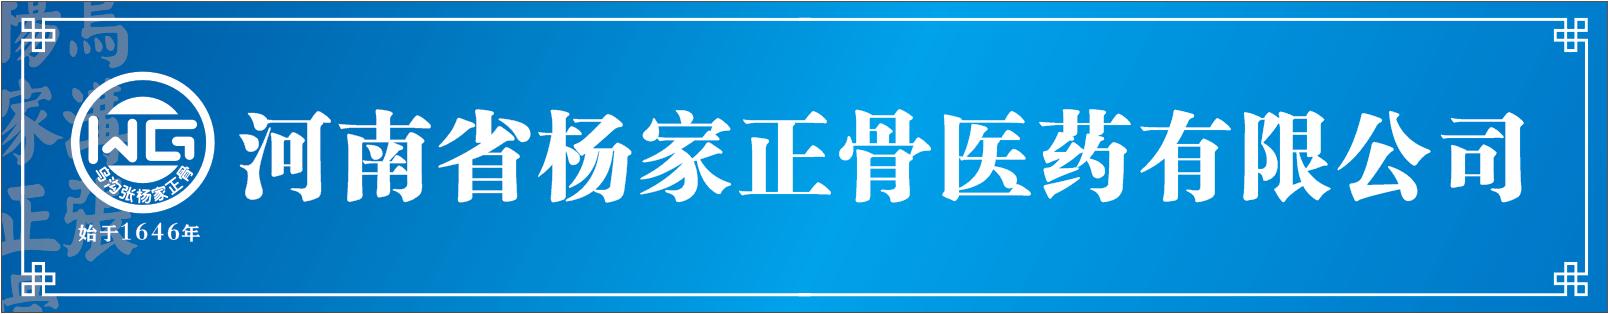 河南杨家正骨医药科技有限公司